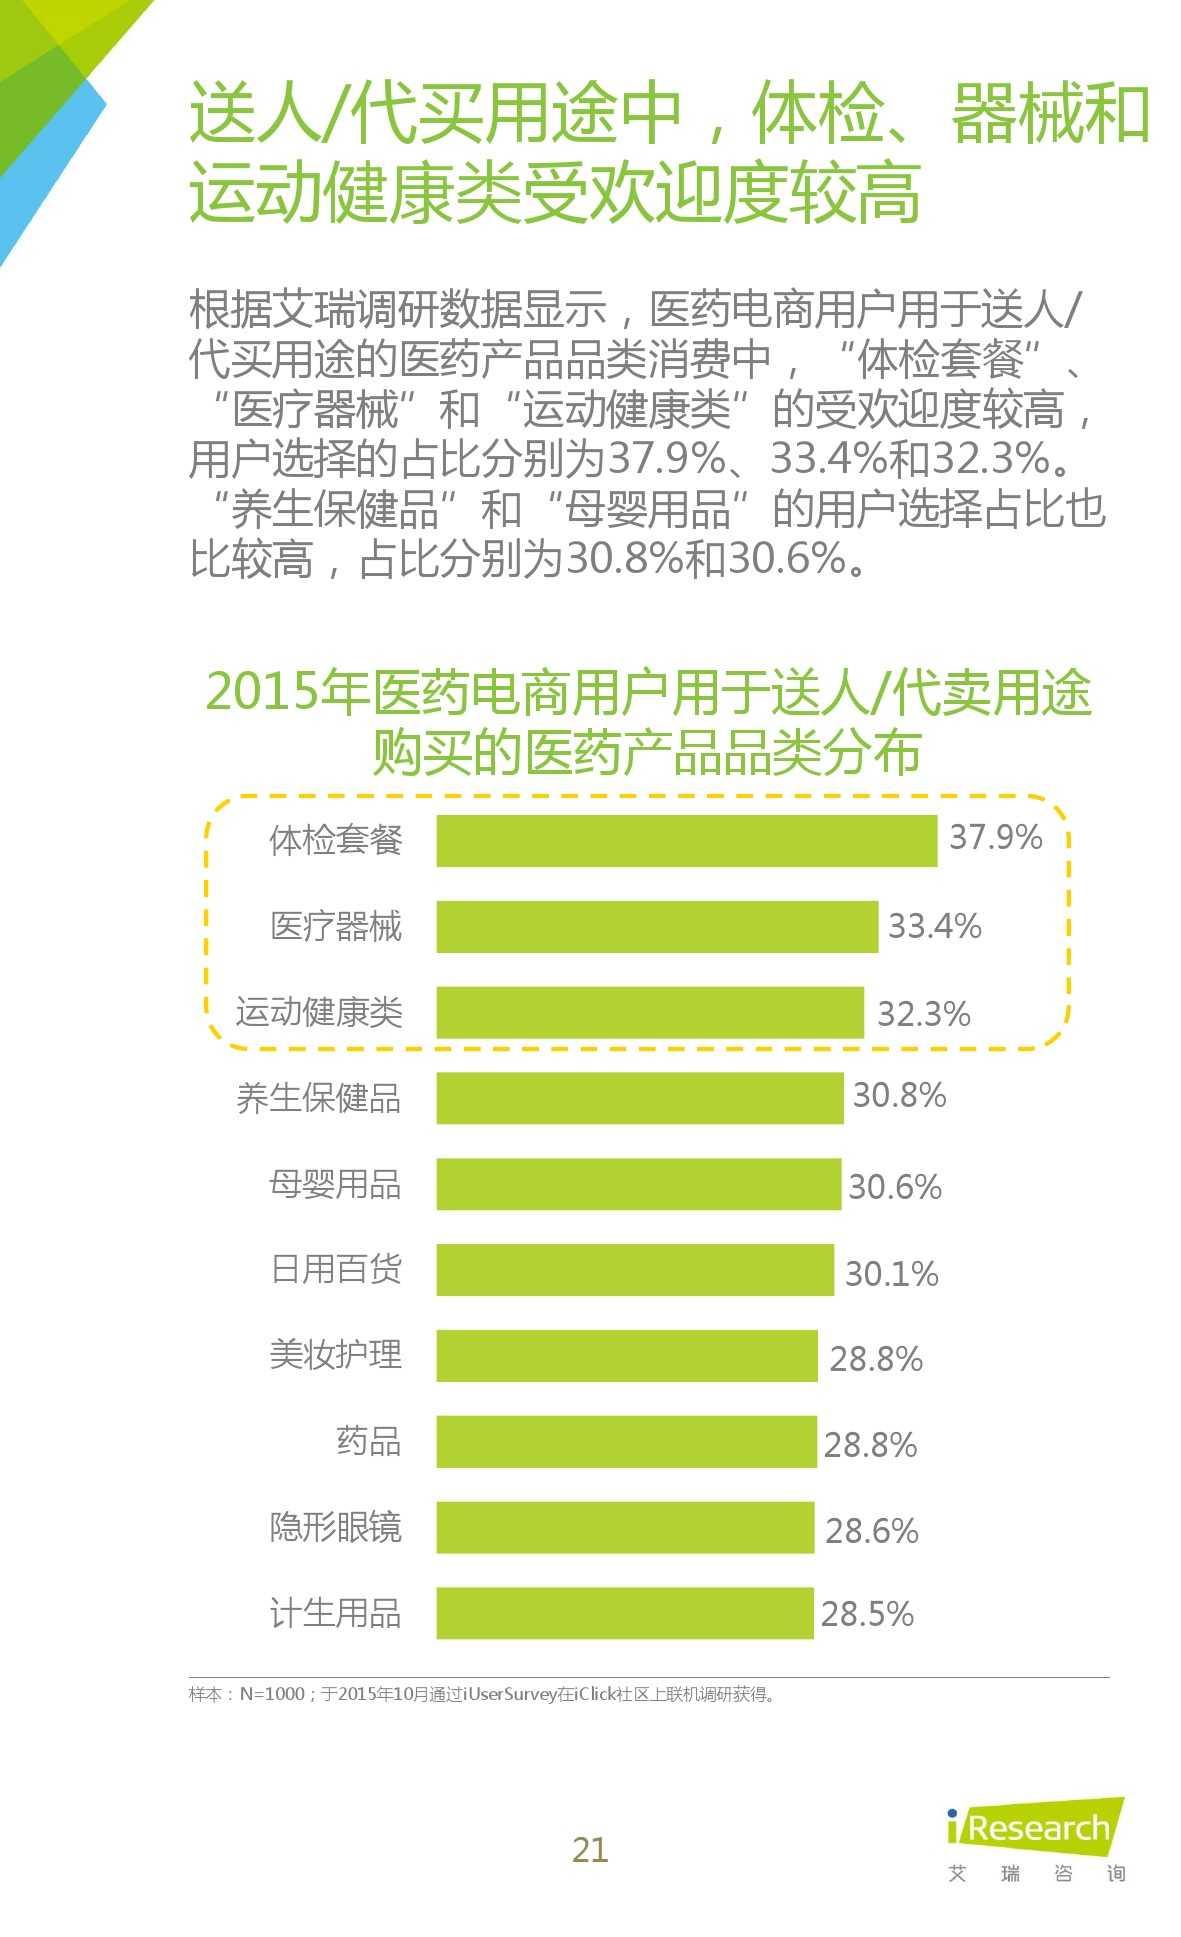 2015年中国医药电商用户行为研究报告_000021